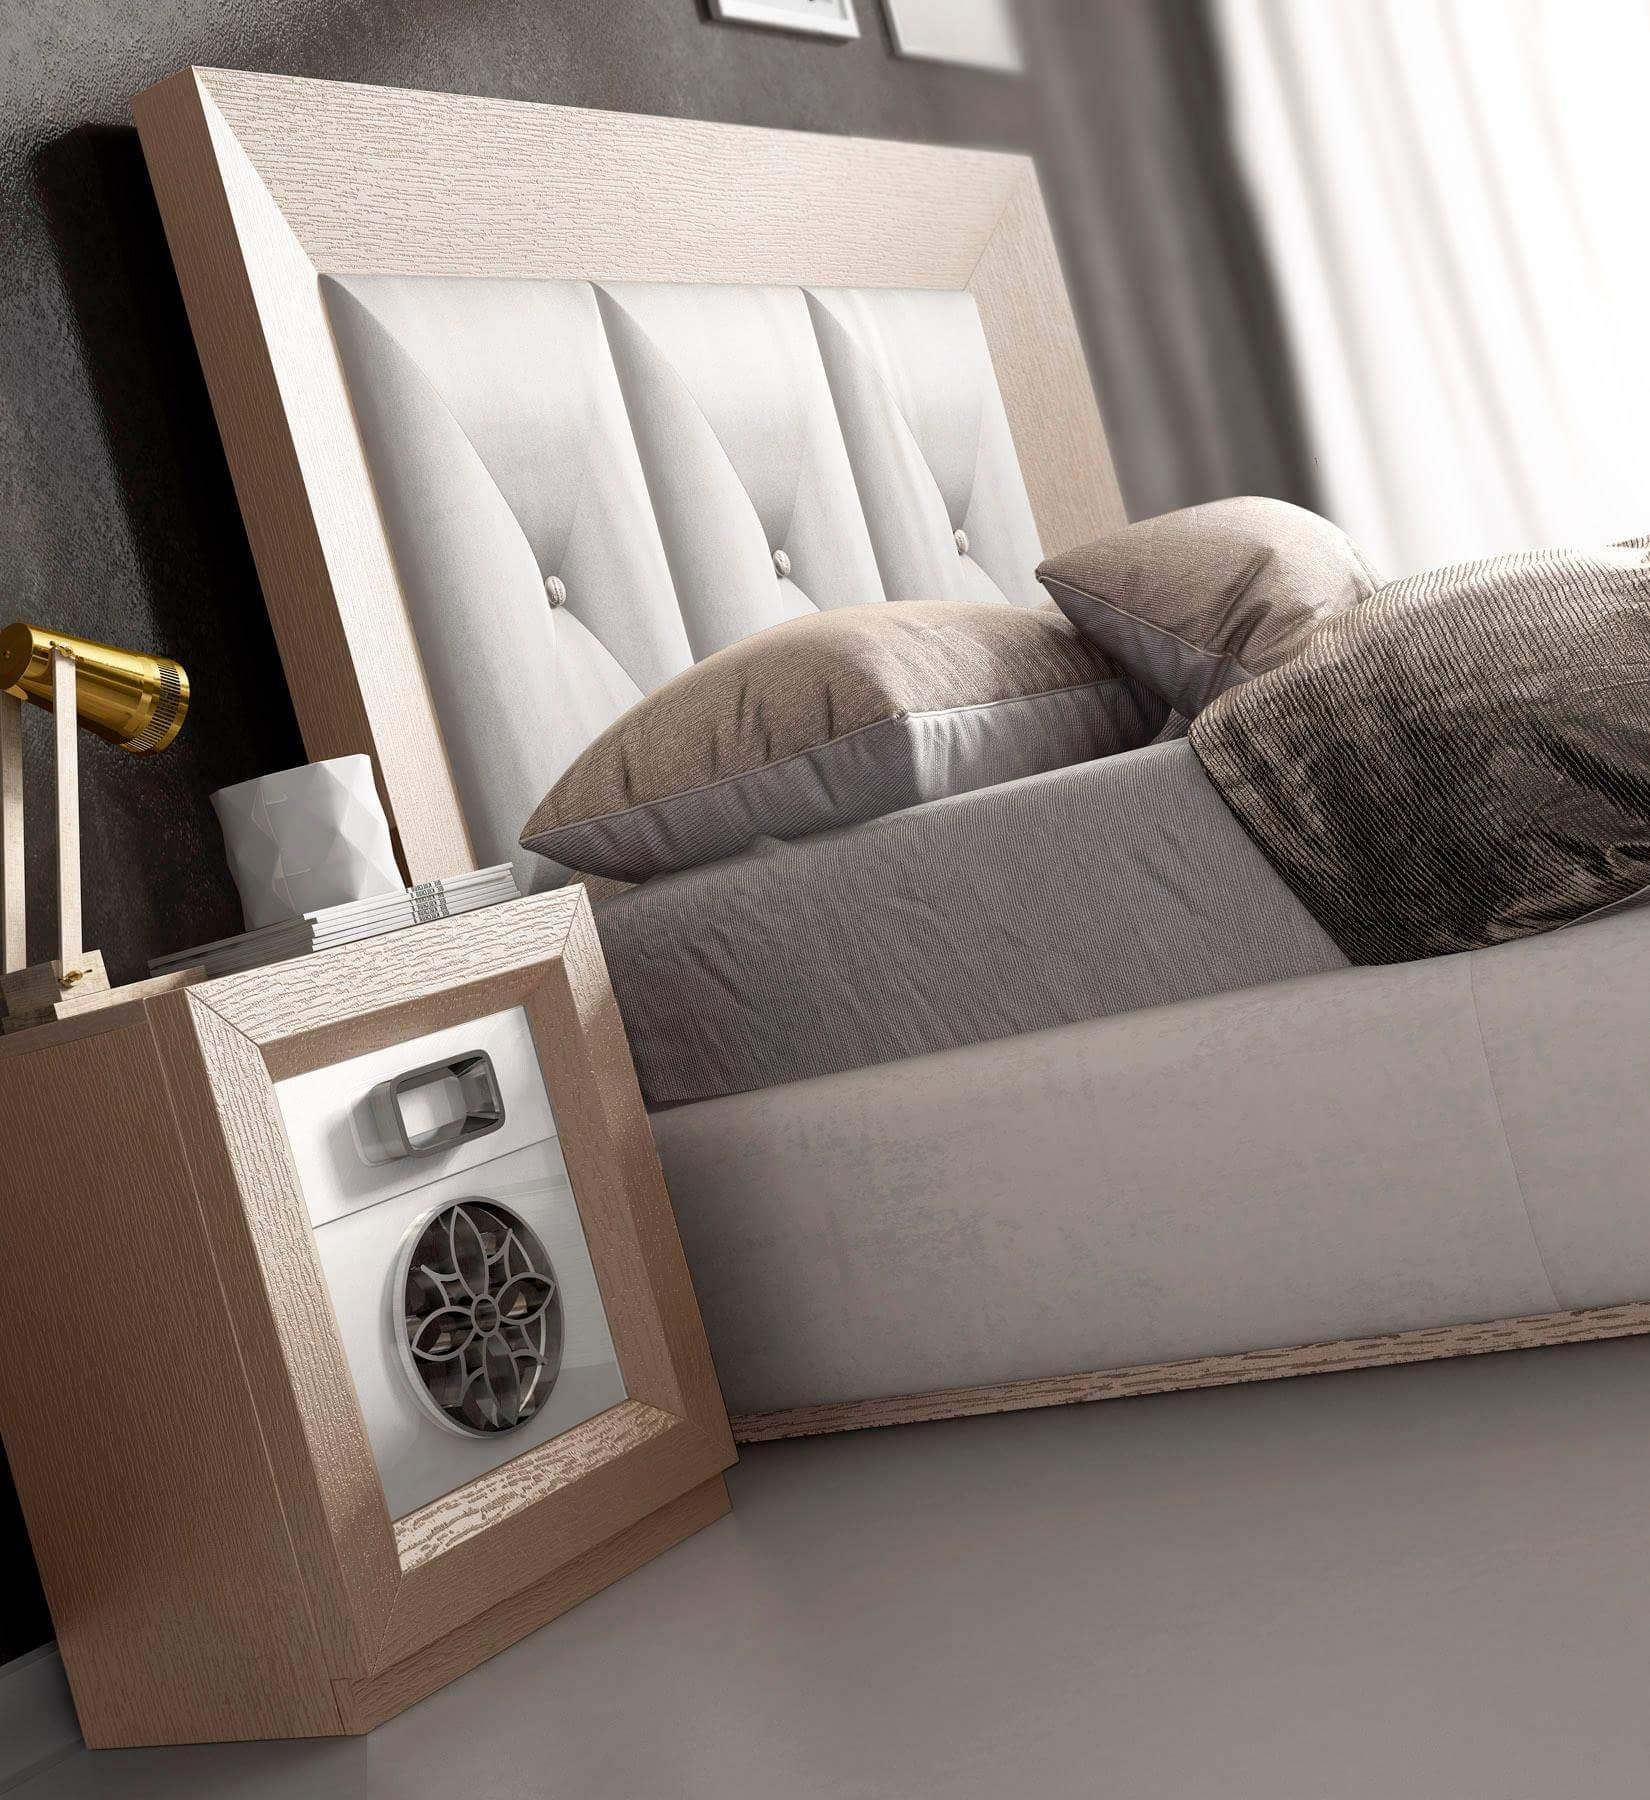 Dormitorios tienda de muebles en almer a for Muebles en almeria ofertas